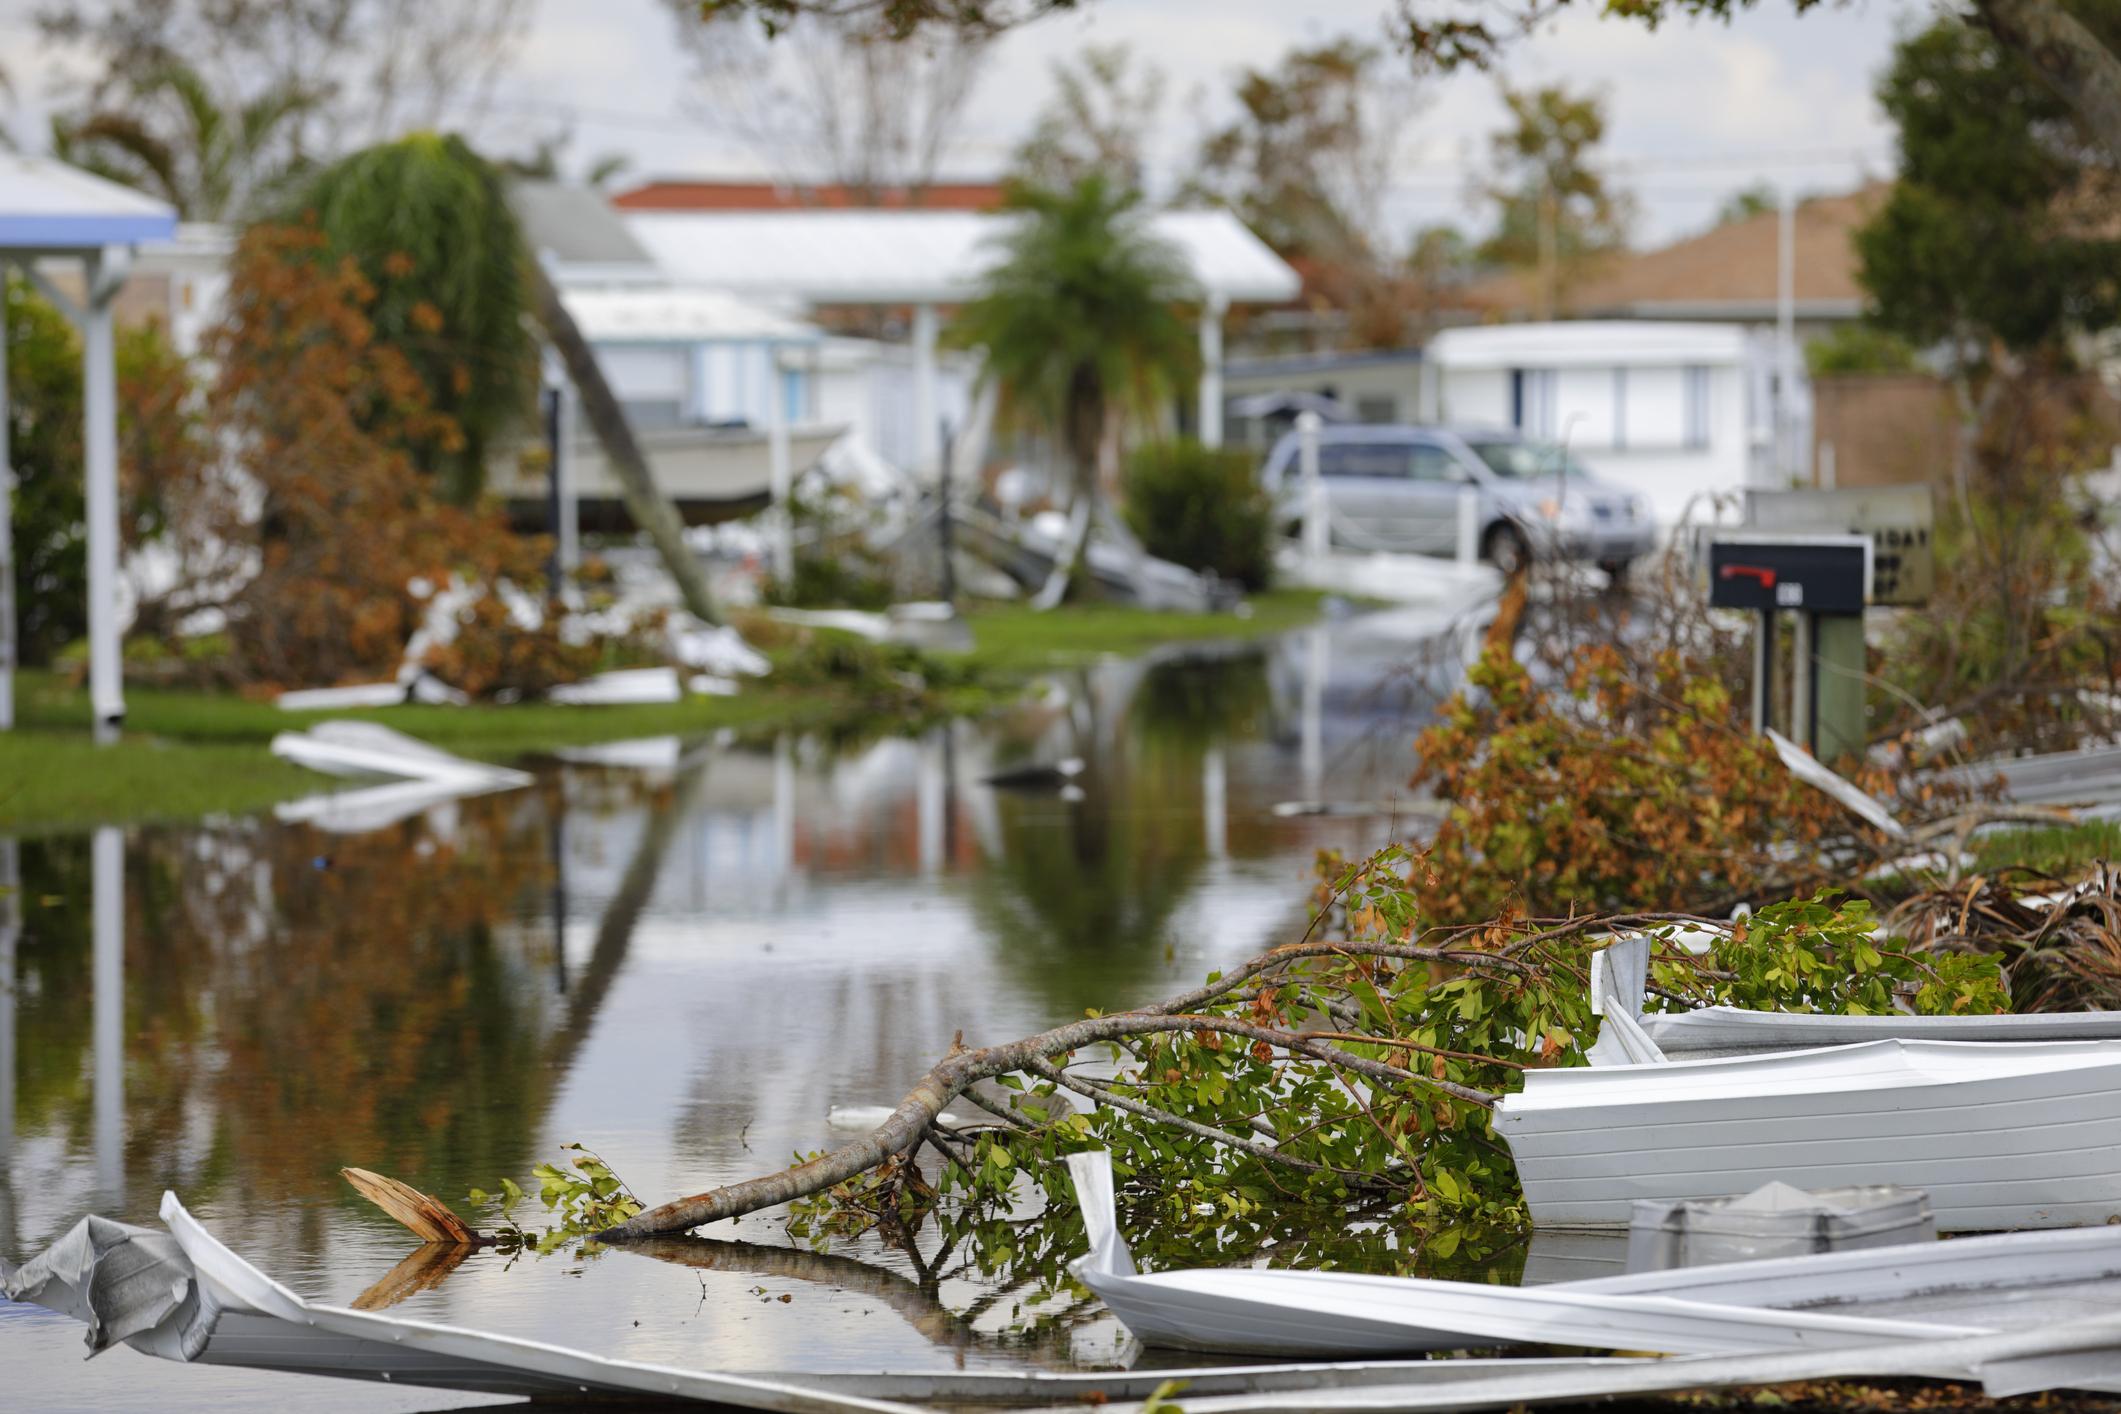 2018 Florida Hurricane Preparedness